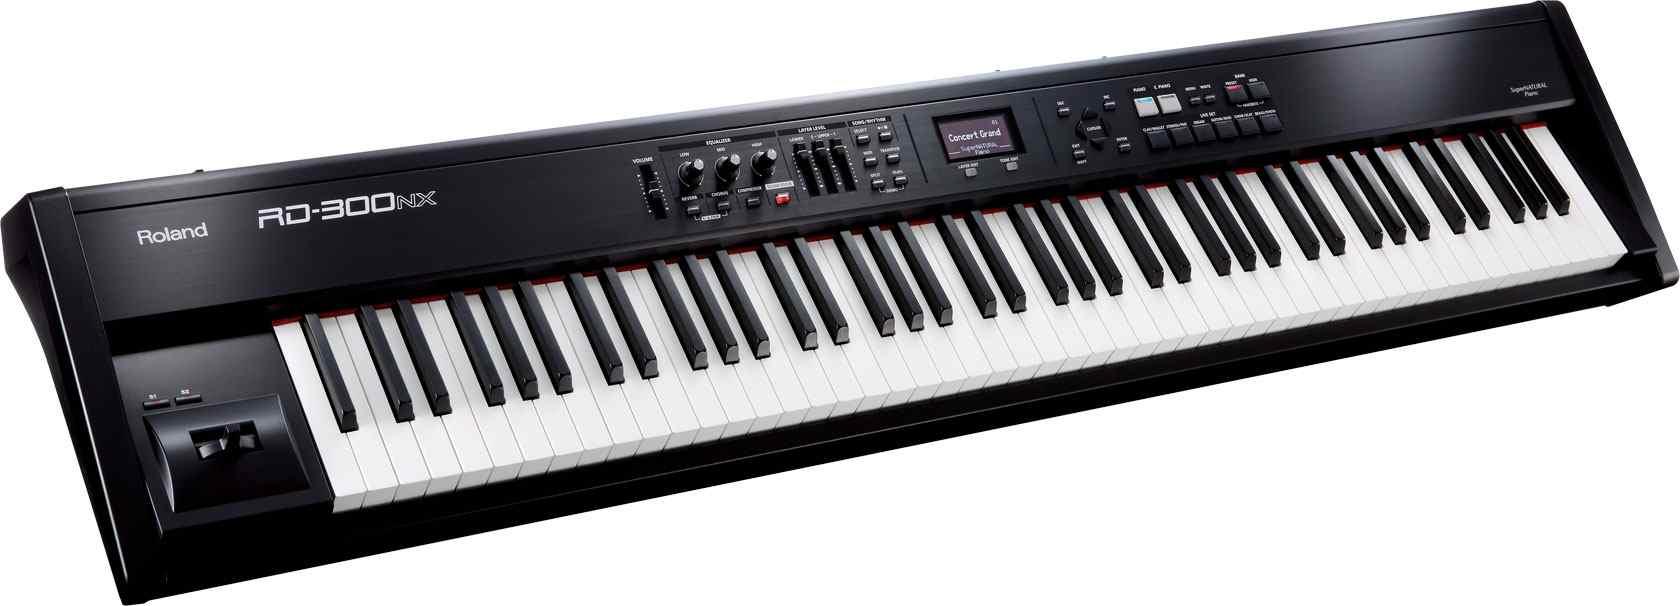 Keyboard Roland RD-300nx